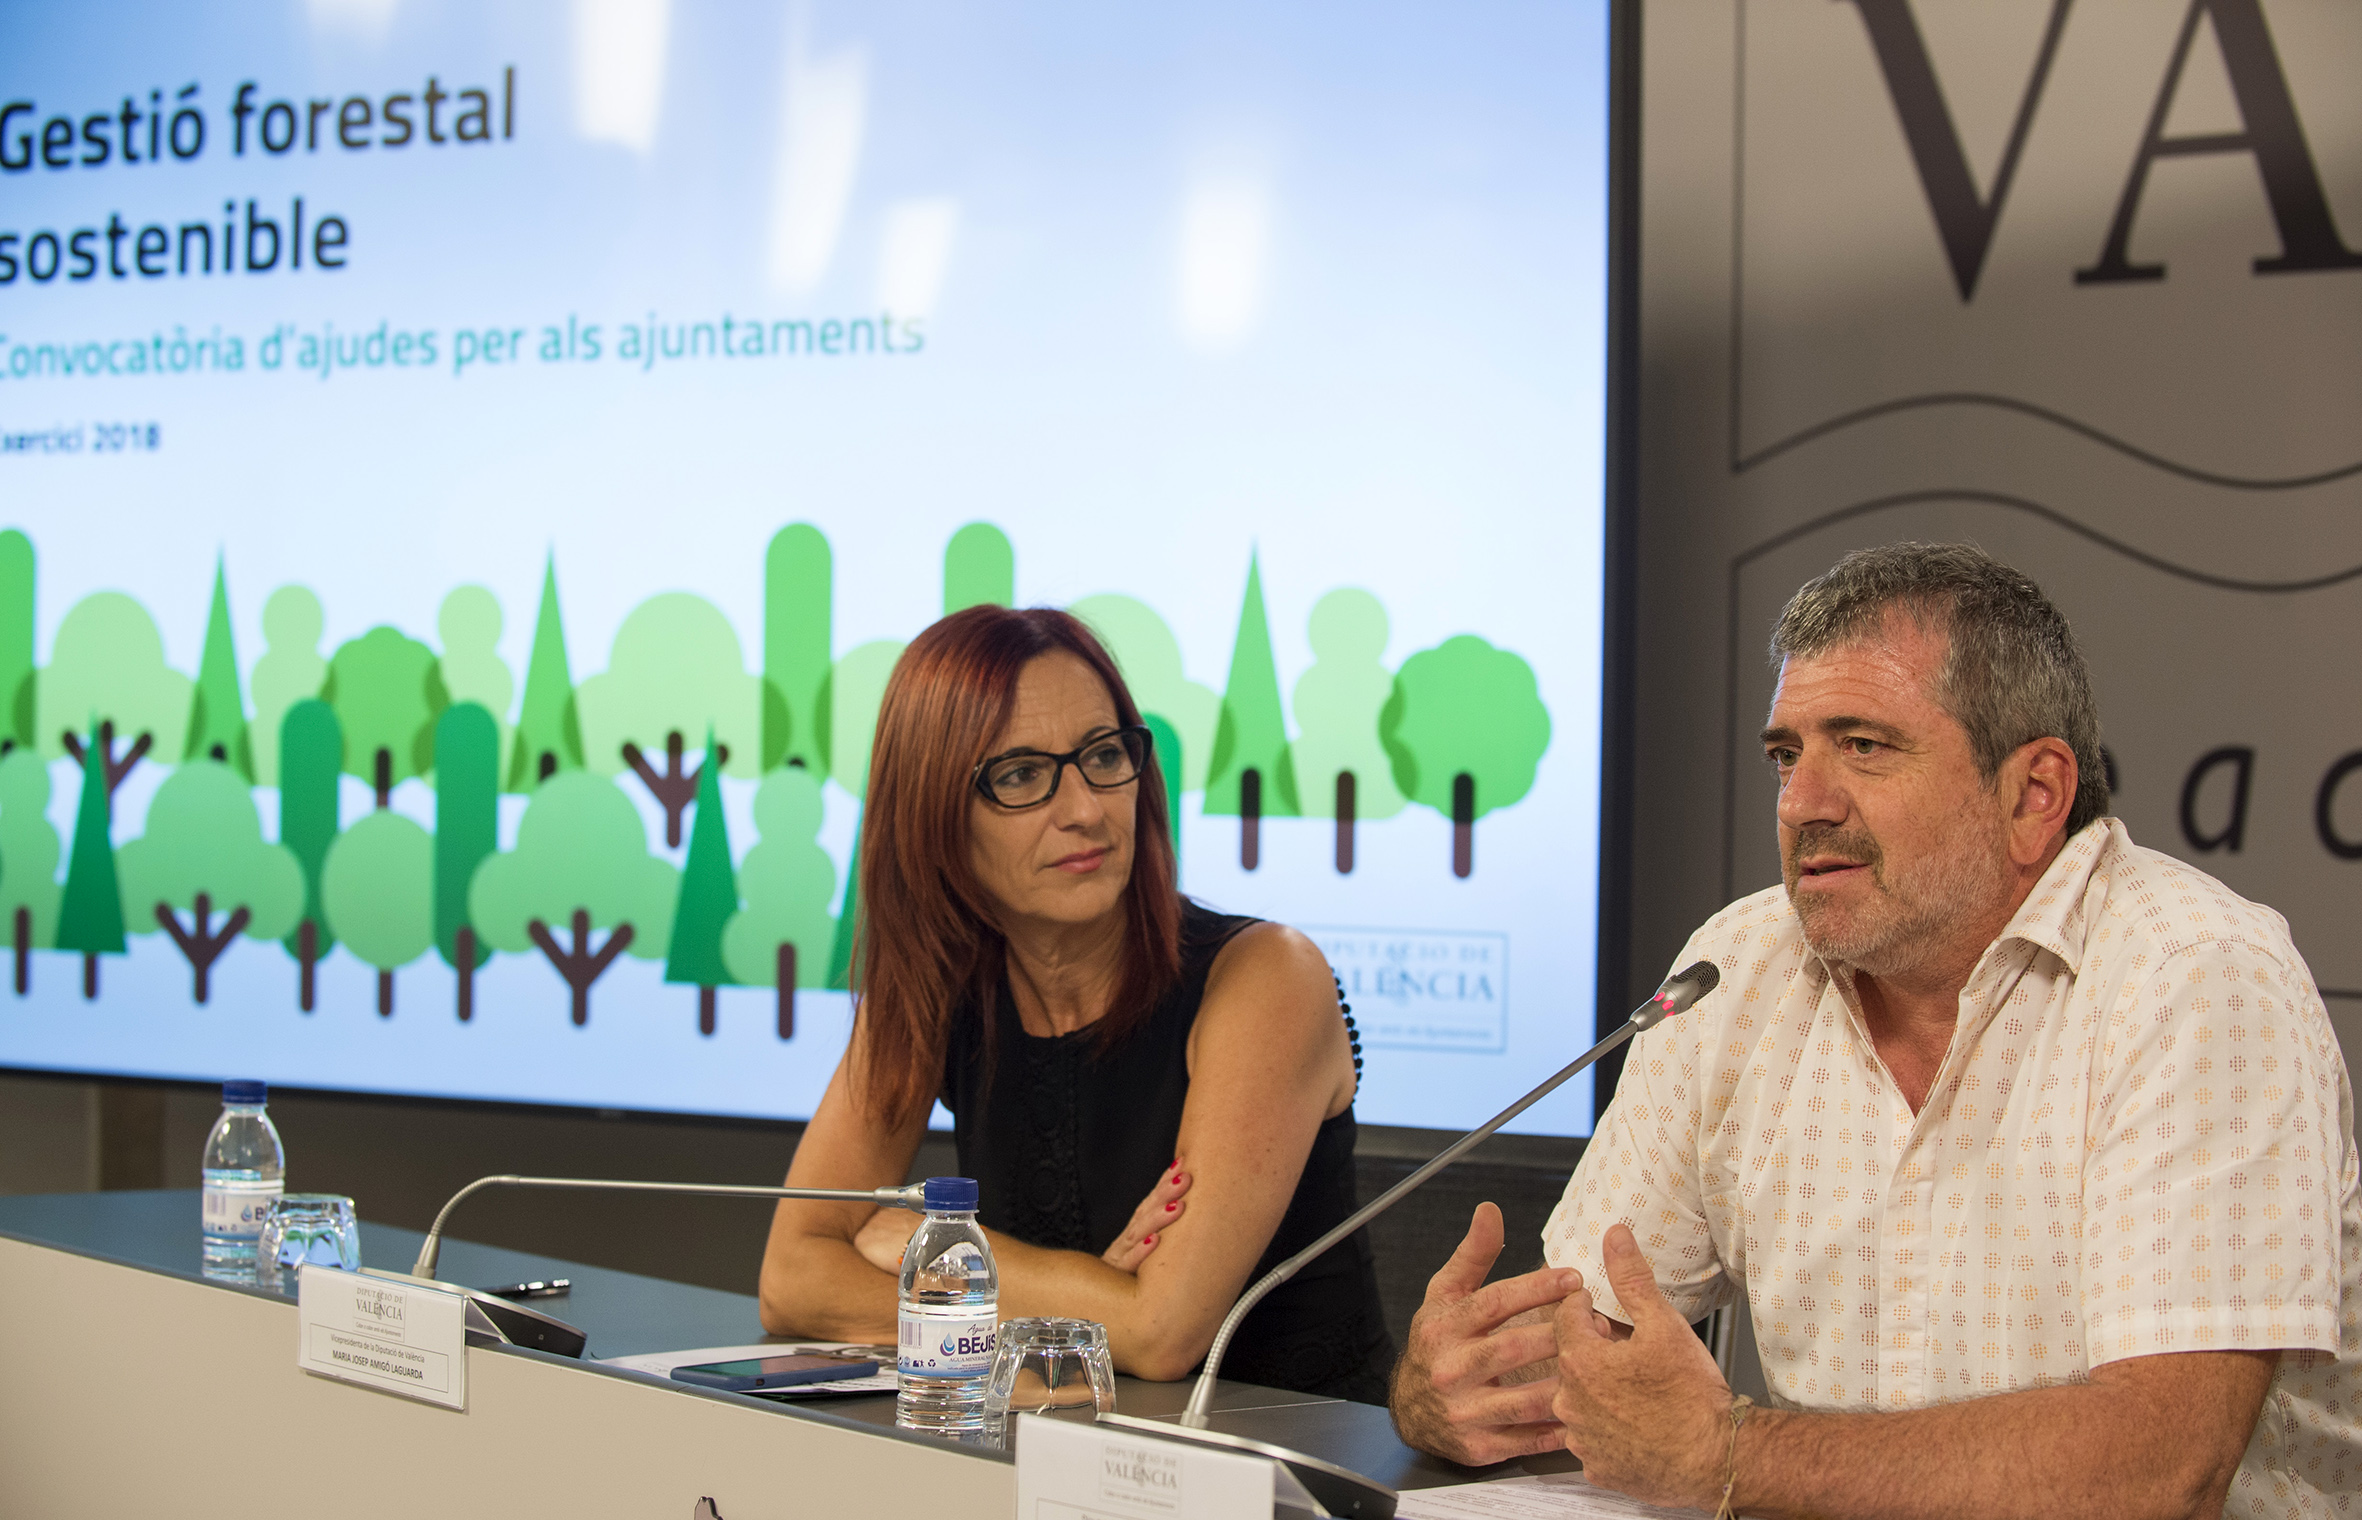 La nova convocatòria d'ajudes forestals compta amb mig milió d'euros més per a la conservació del patrimoni forestal i la prevenció d'incendis.